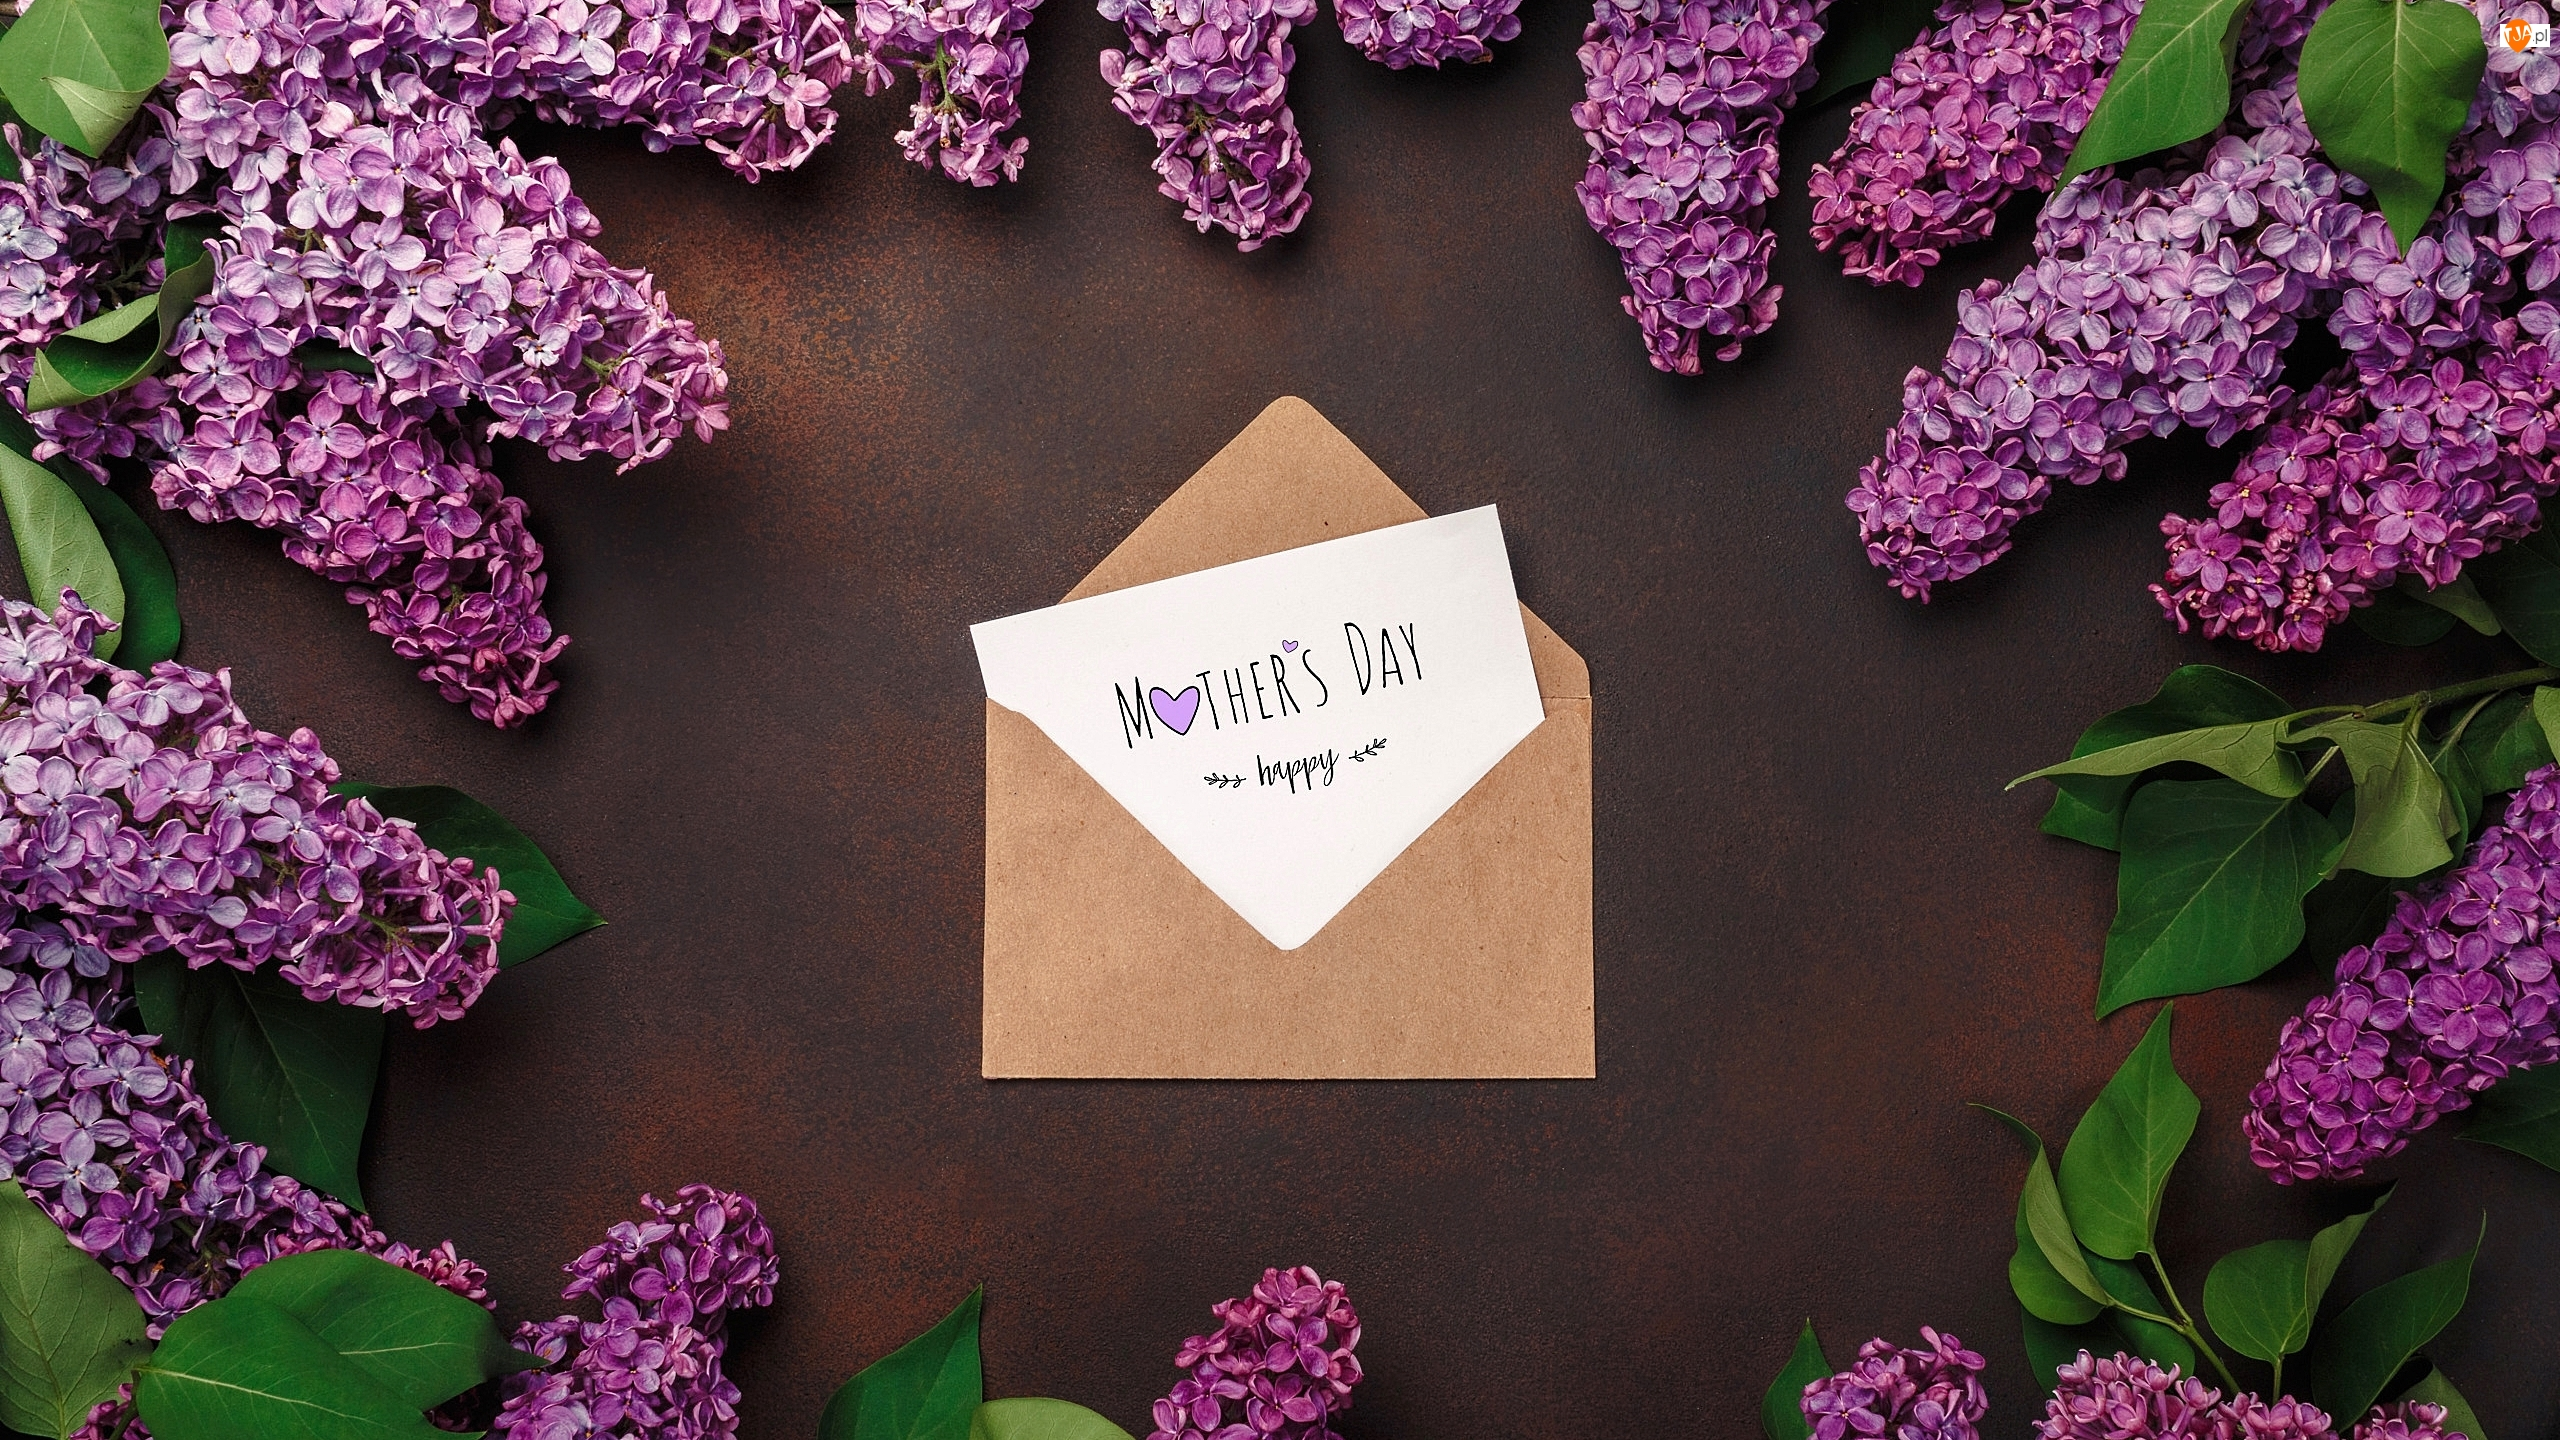 Bez, Liście, Dzień Matki, Kwiat, Życzenia, Kartka, Koperta